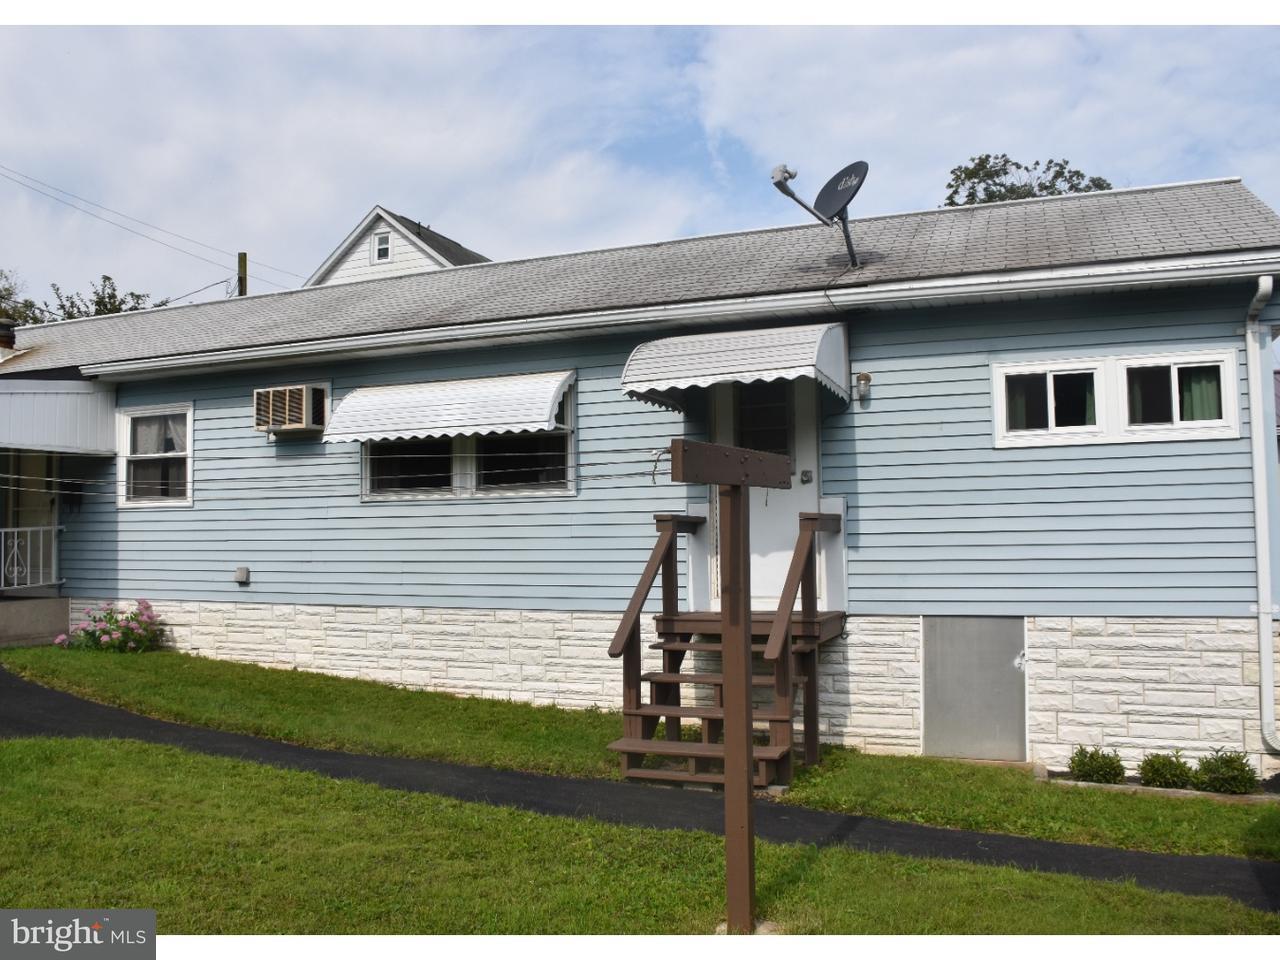 Casa Unifamiliar por un Alquiler en 7 SCHUMACHER Avenue Schuylkill Haven, Pennsylvania 17972 Estados Unidos